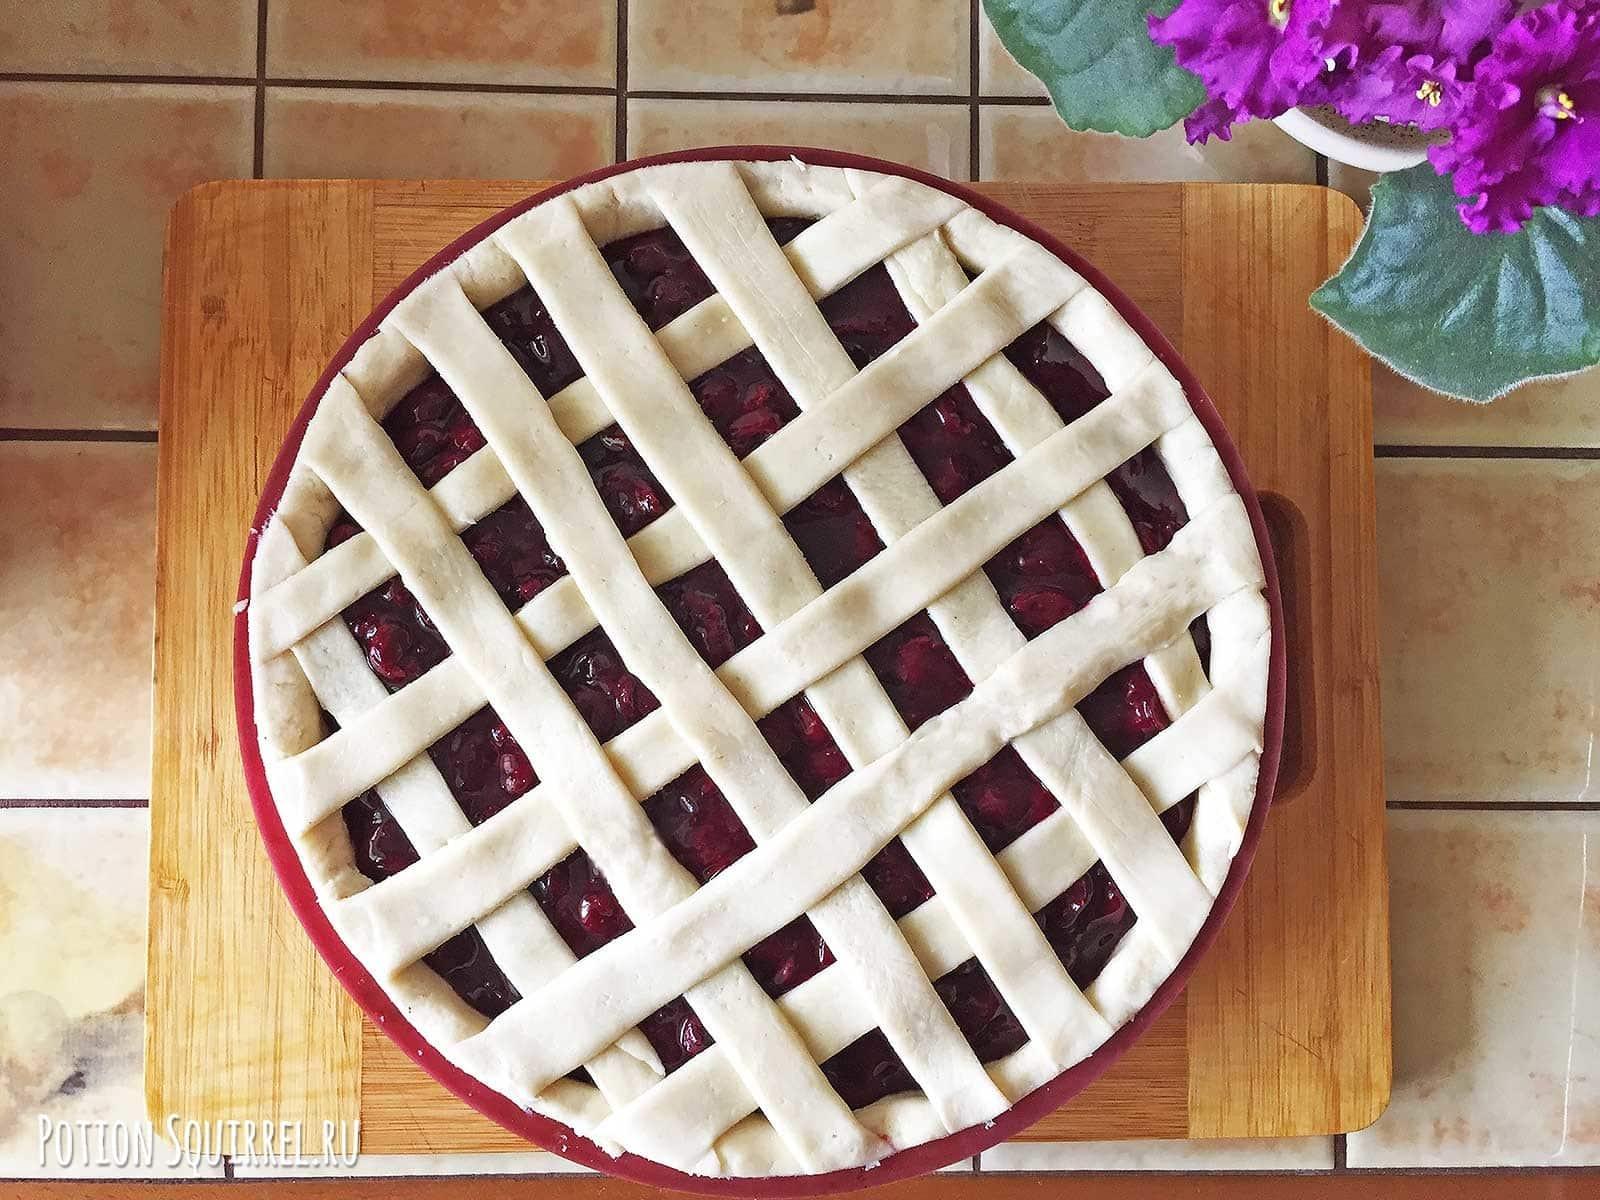 Пирог с вишней: украшаем пирог сеточкой из остатков теста